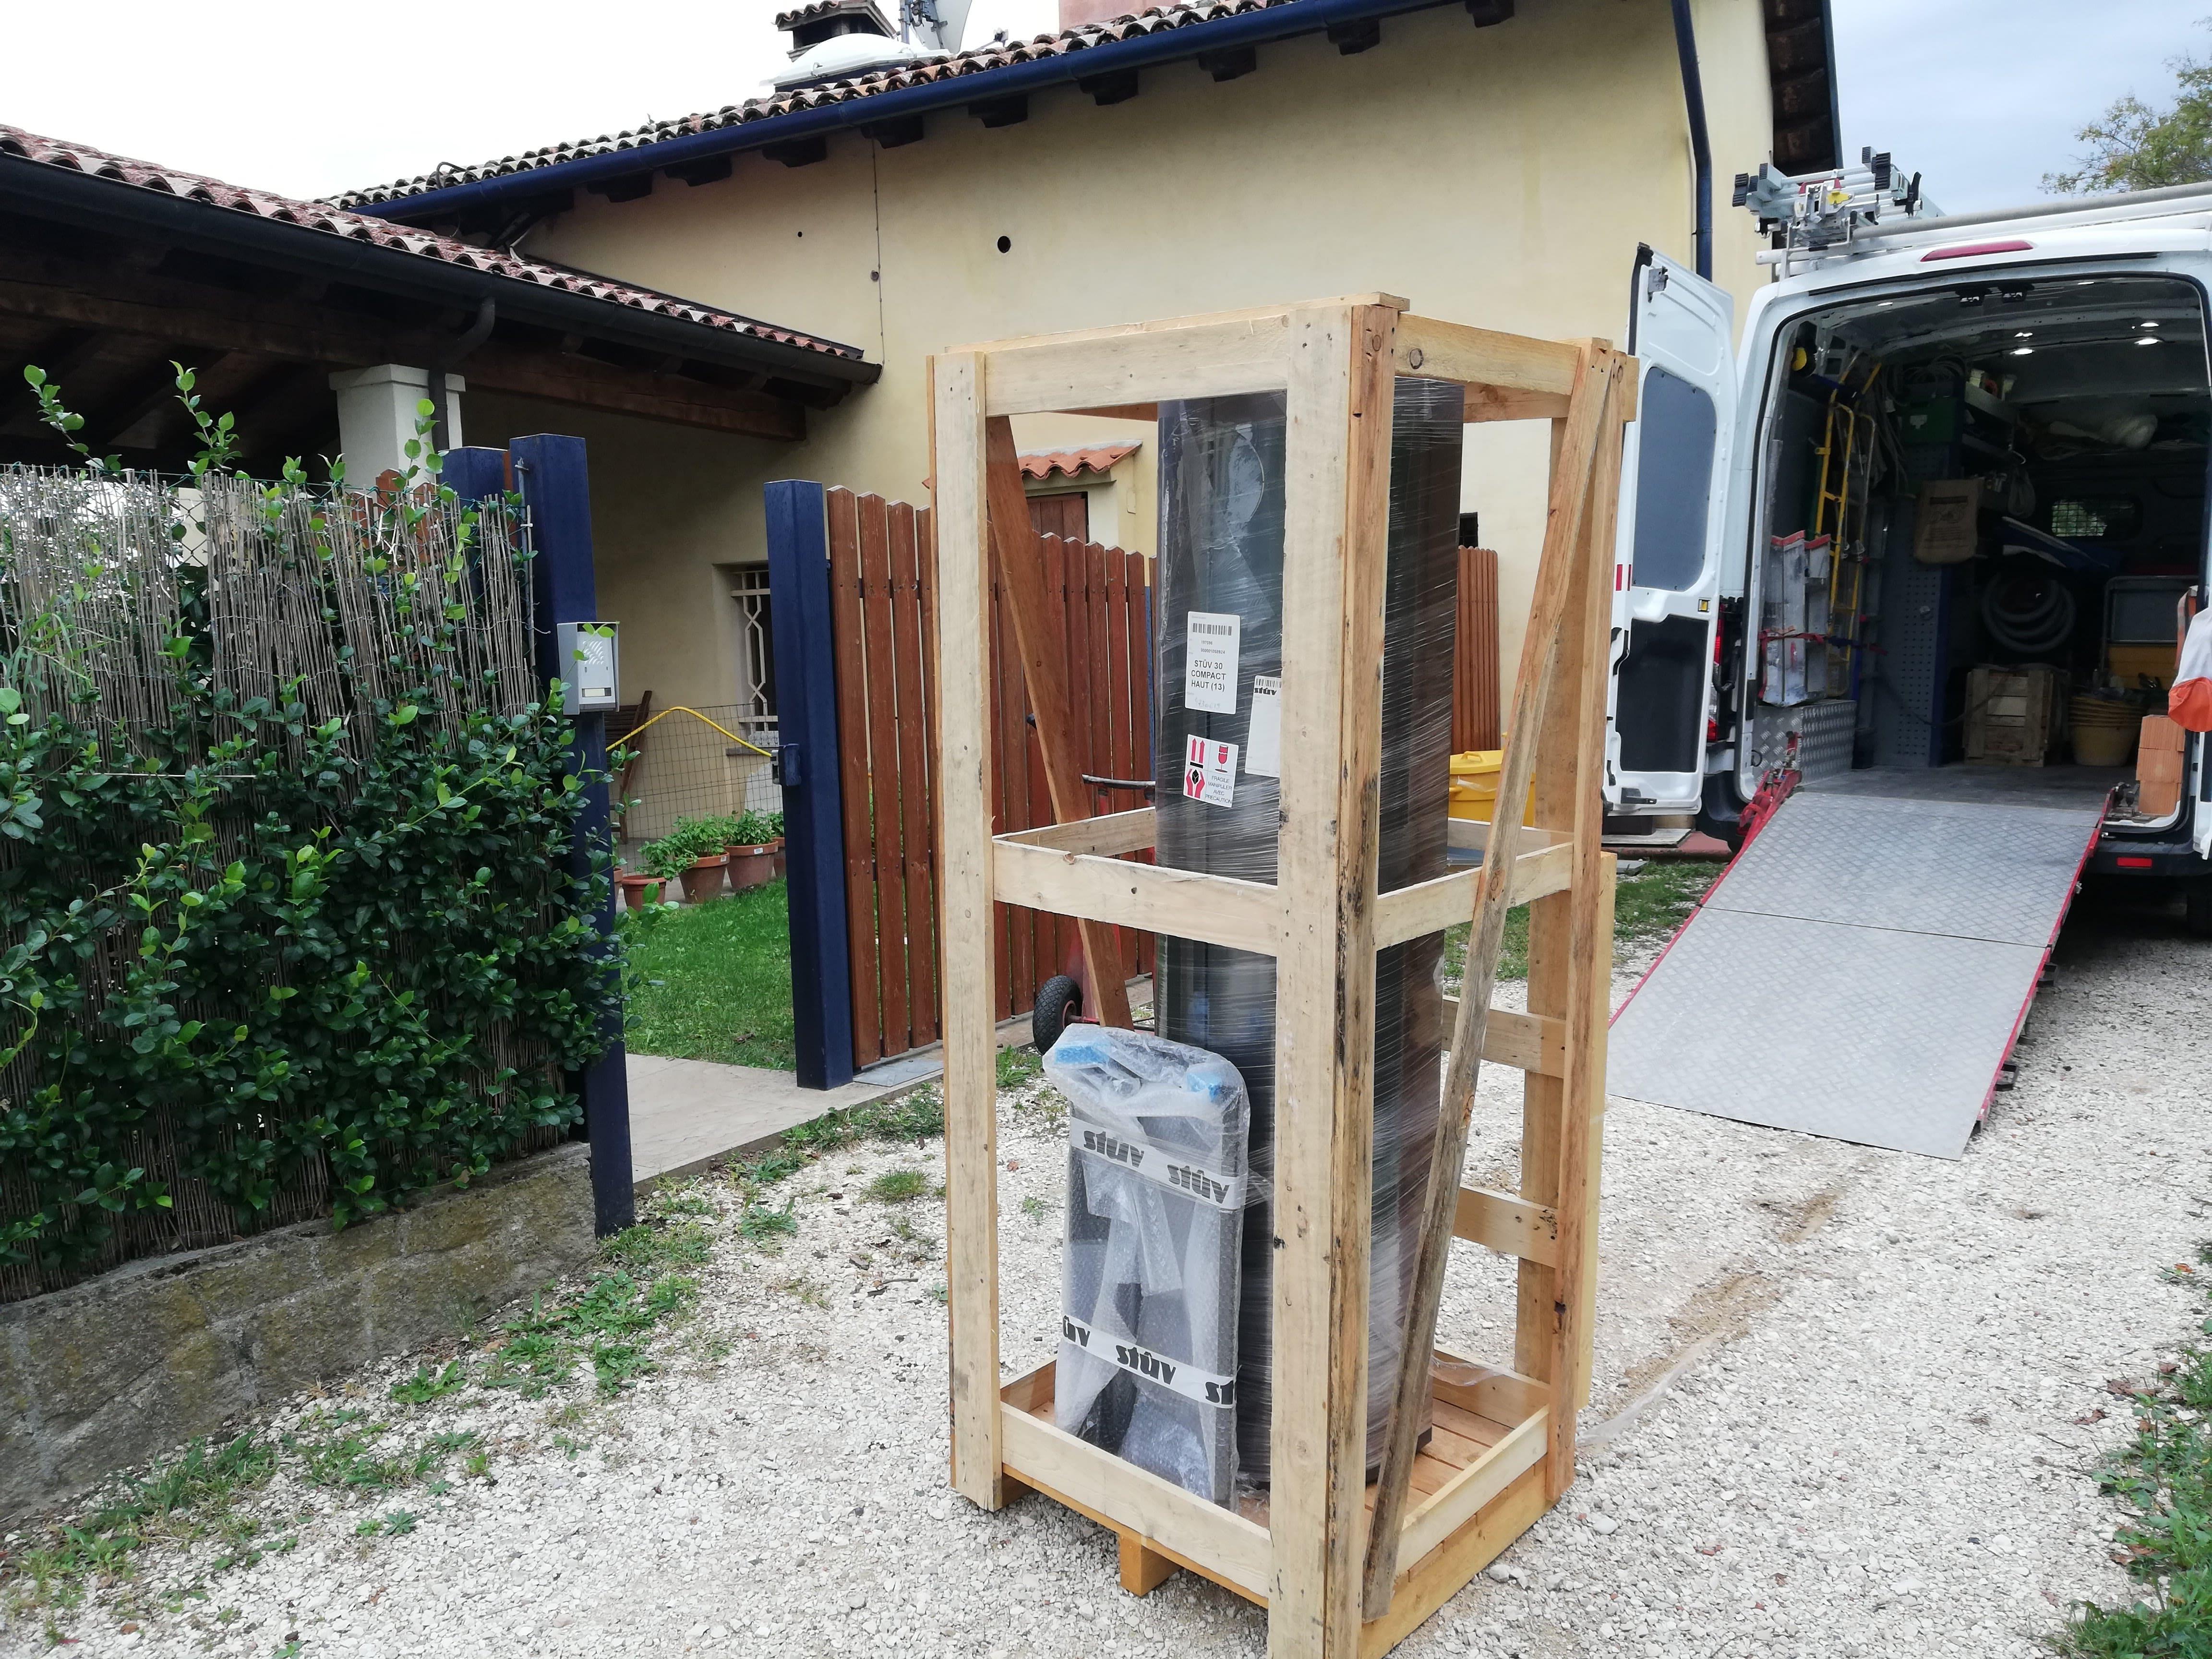 Caminetto verticale a legna imballato